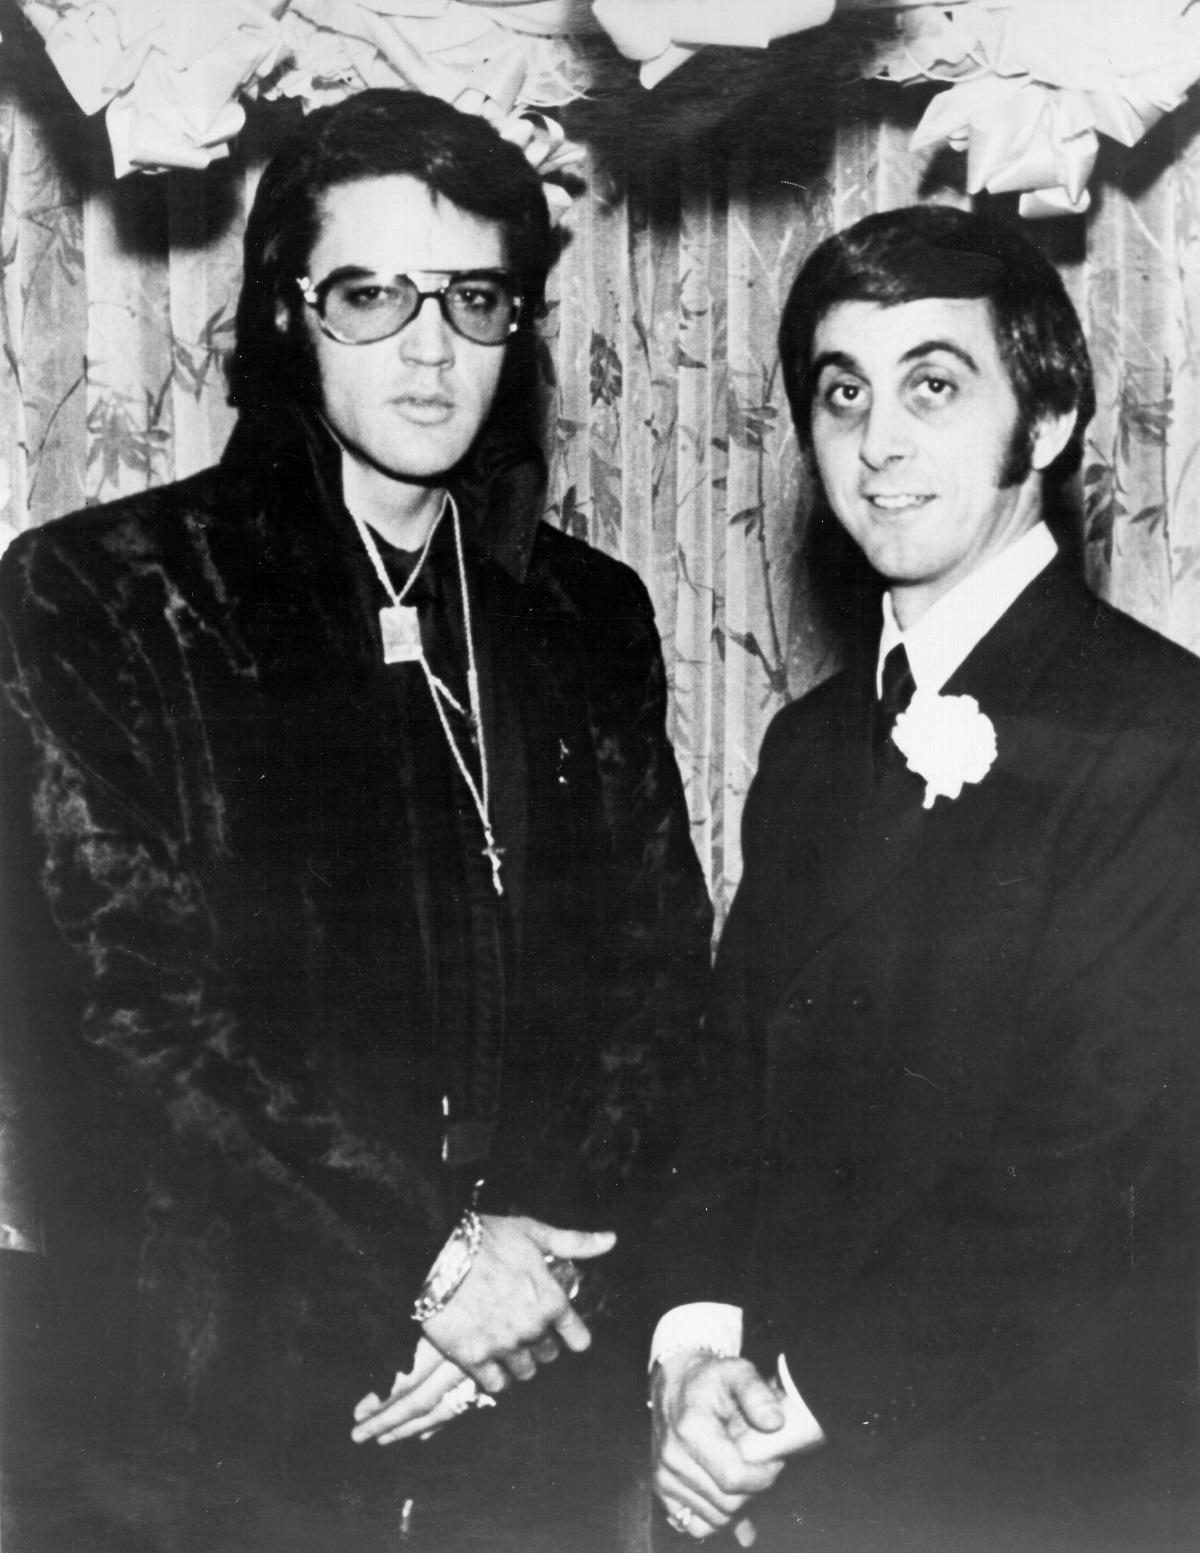 Elvis Presley and George Klein in 1970